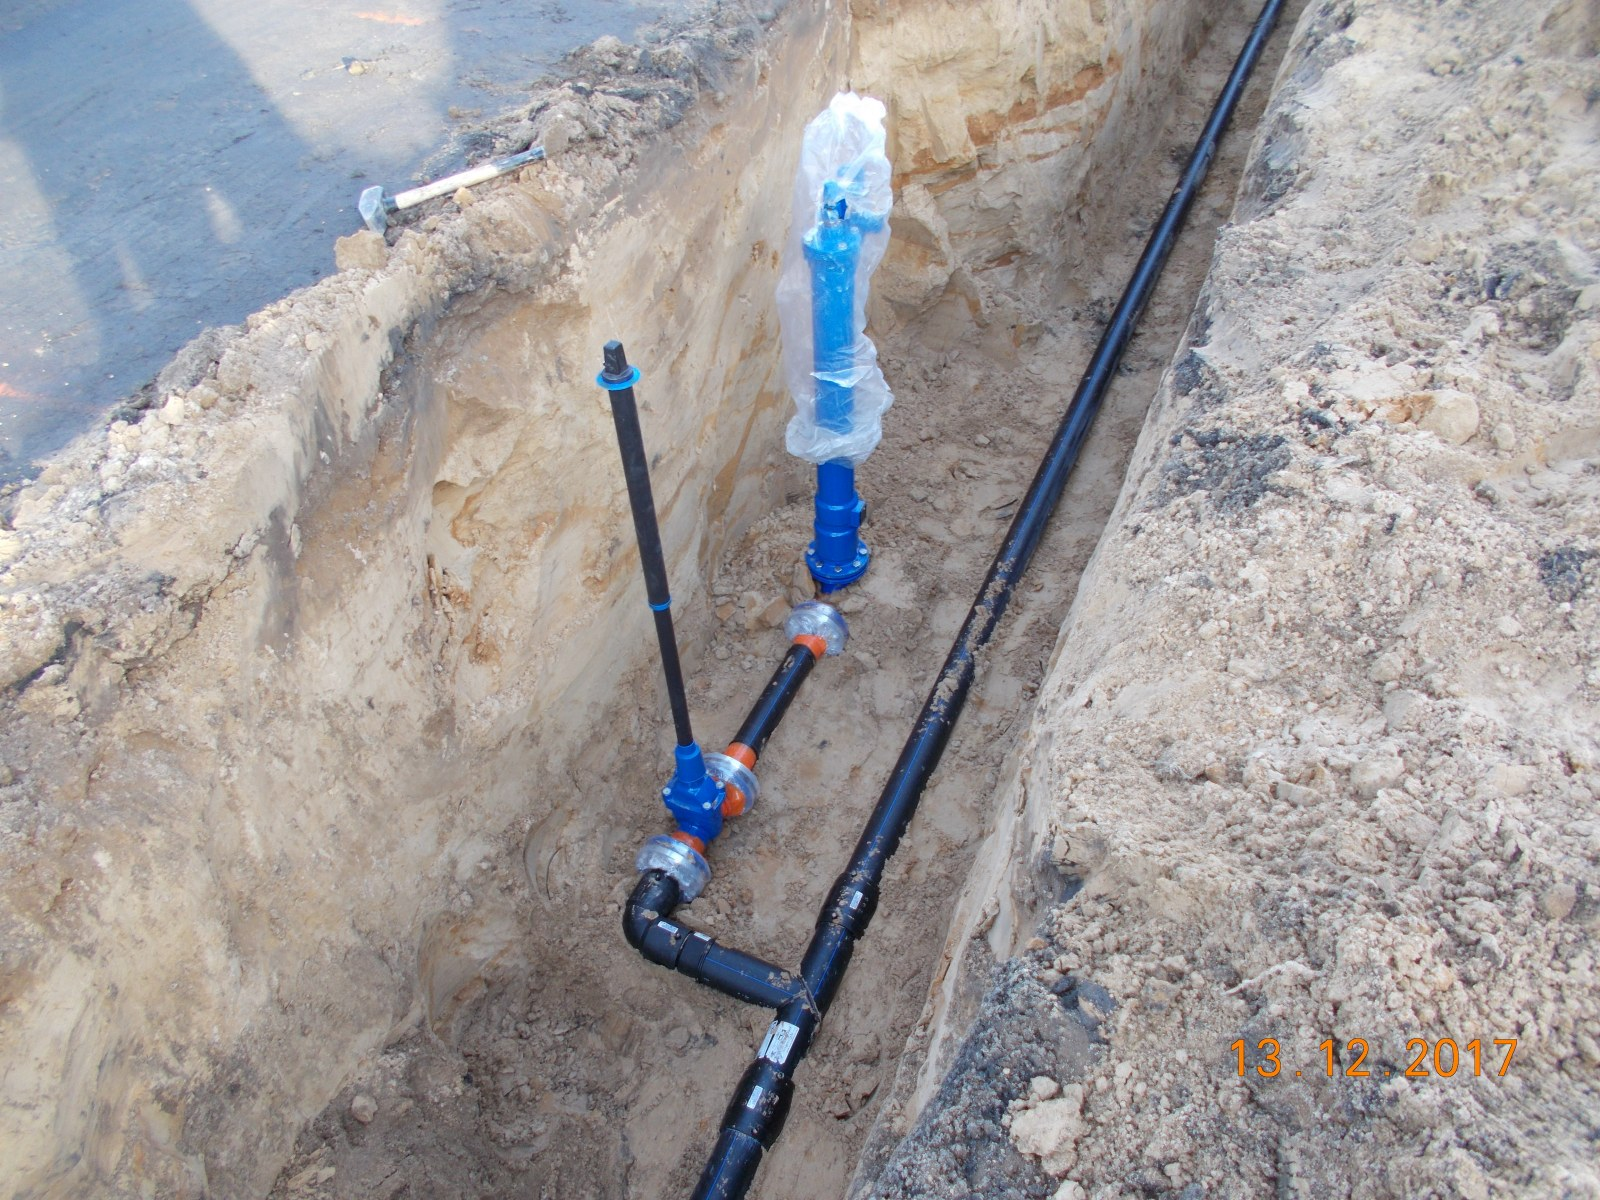 Rozbudowa sieci wodociągowej w sołectwie Łężyca w Zielonej Górze